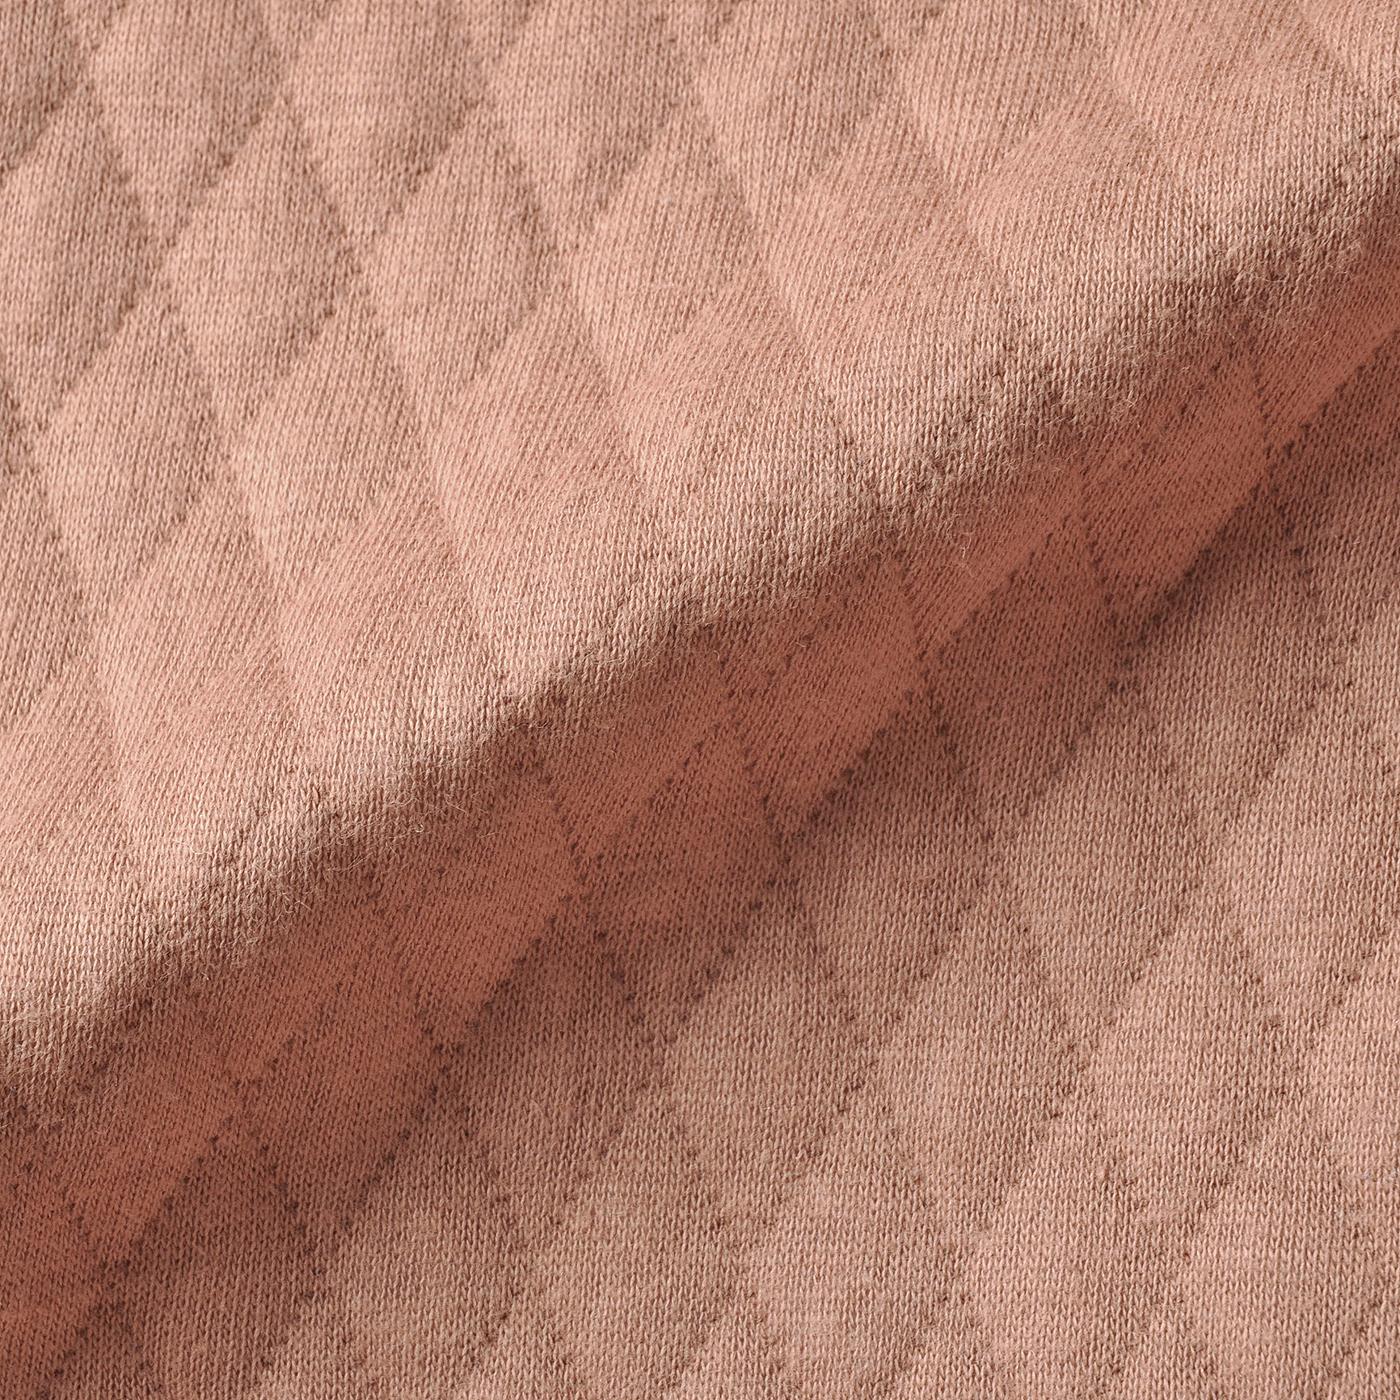 肌に当たる面は、吸湿性がよくやわらかな綿混素材。中わた入りの生地が空気を含んで、ぬくもりキープ。